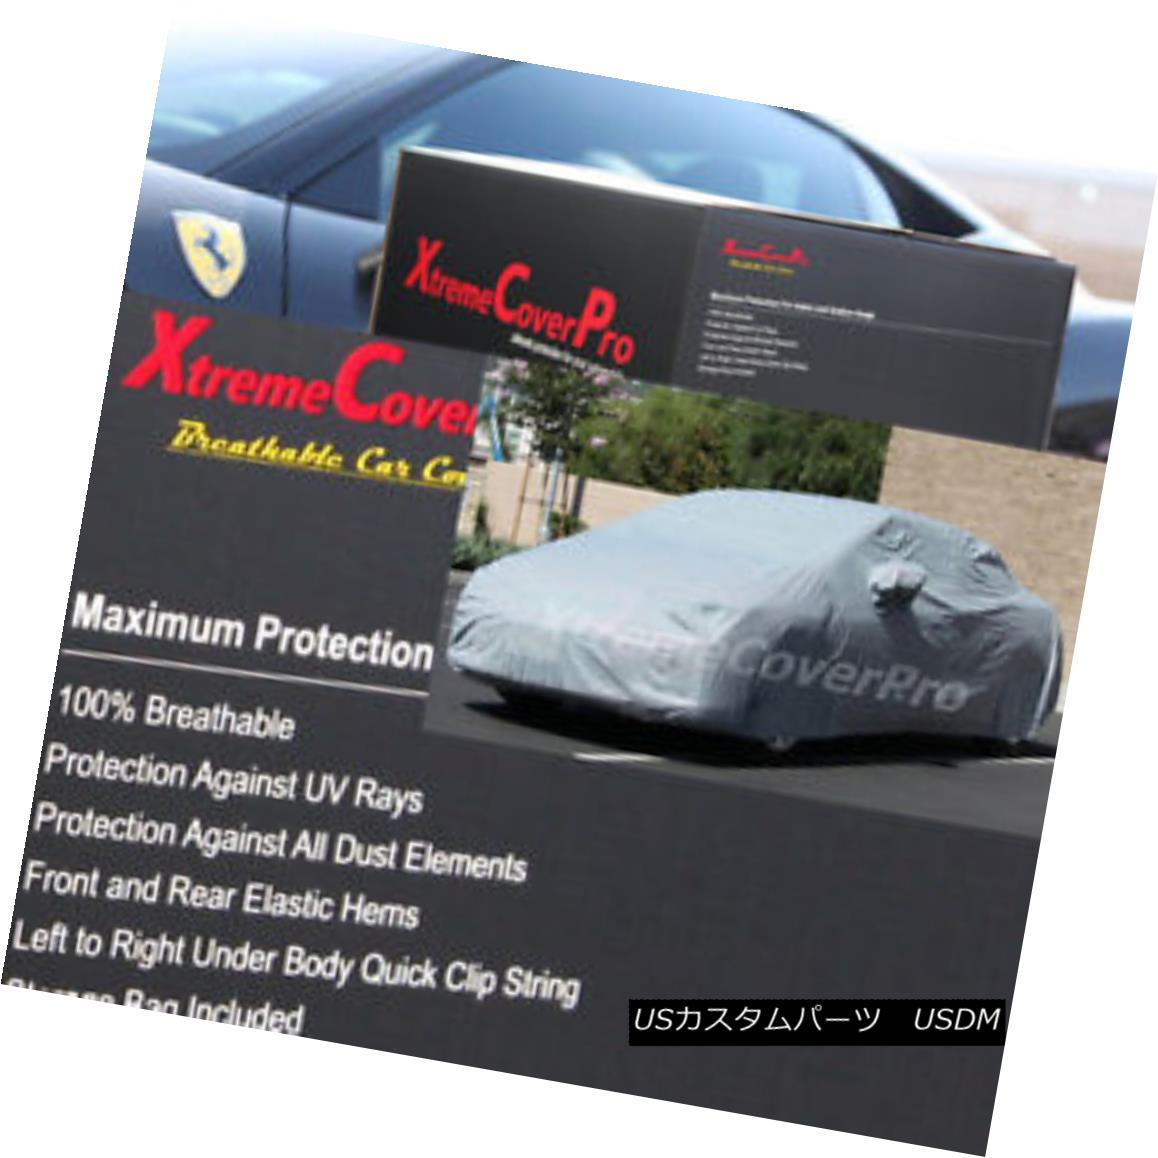 カーカバー 2005 2006 2007 2008 Porsche 911 GT3 Breathable Car Cover w/MirrorPocket 2005年2006年2007年2008年ポルシェ911 GT3通気性車カバー付き(MirrorPocket)